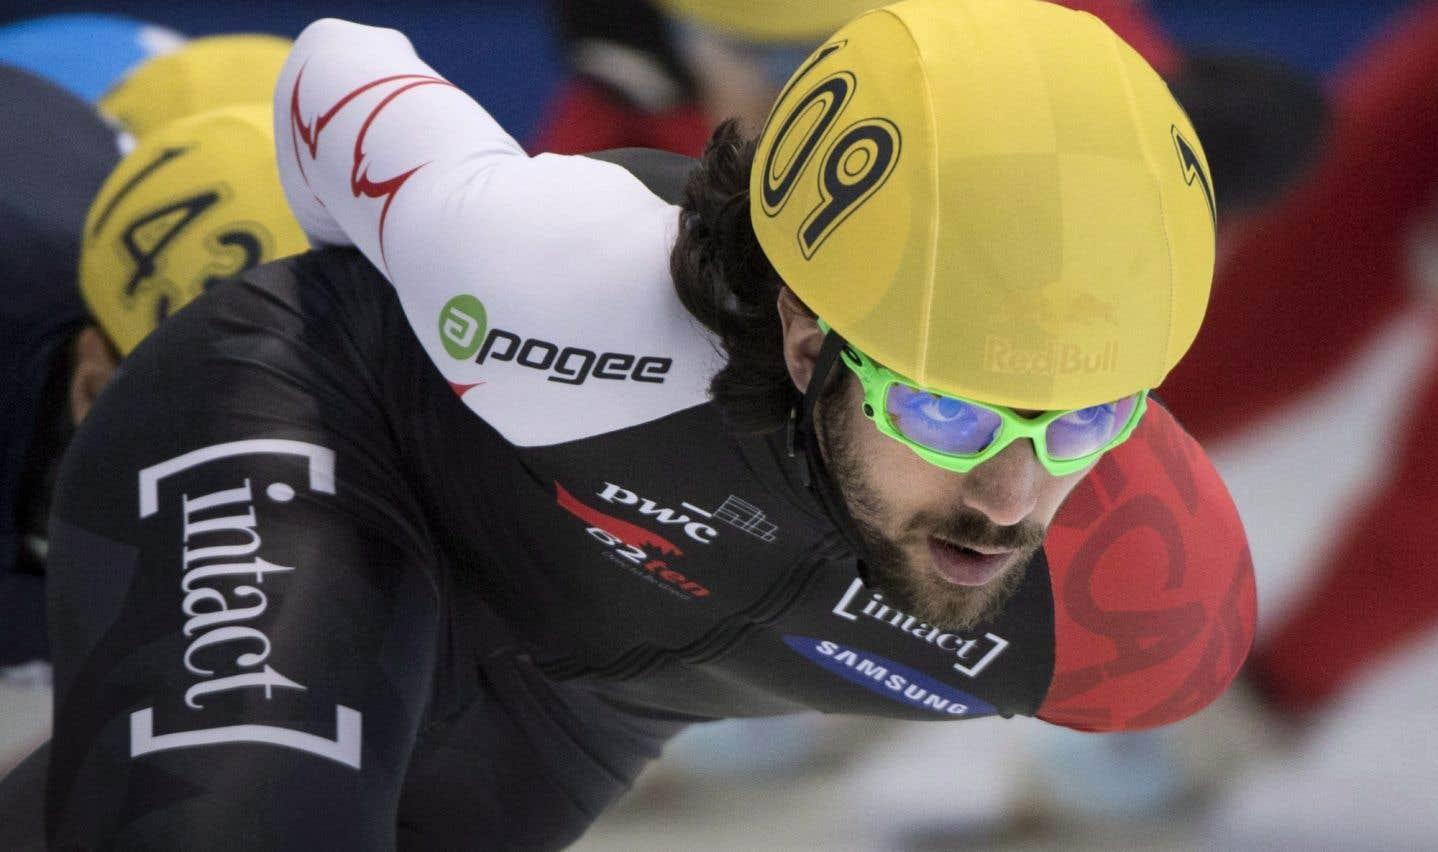 Dans une finale endiablée, Hamelin a coiffé dans le dernier virage le champion olympique de Sotchi, Victor An, en 40,623 secondes.